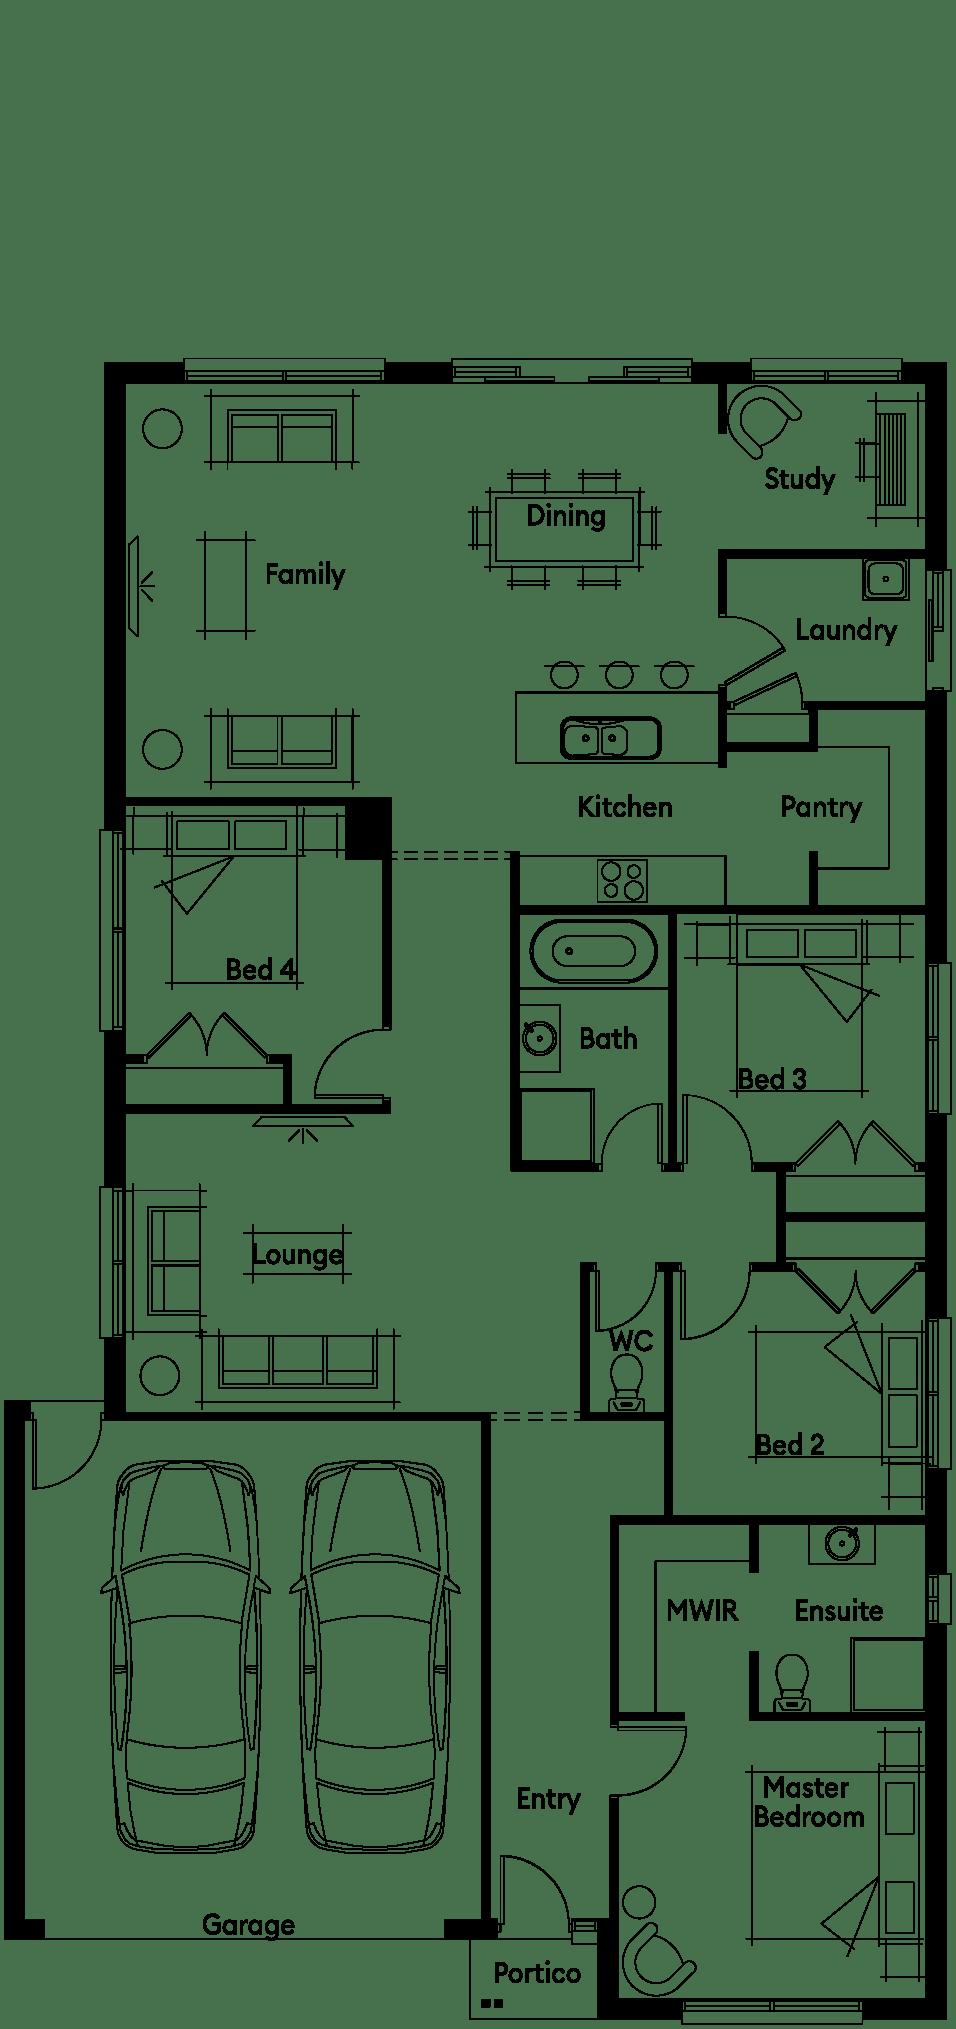 FloorPlan1_HOUSE760_Lamont_22-3